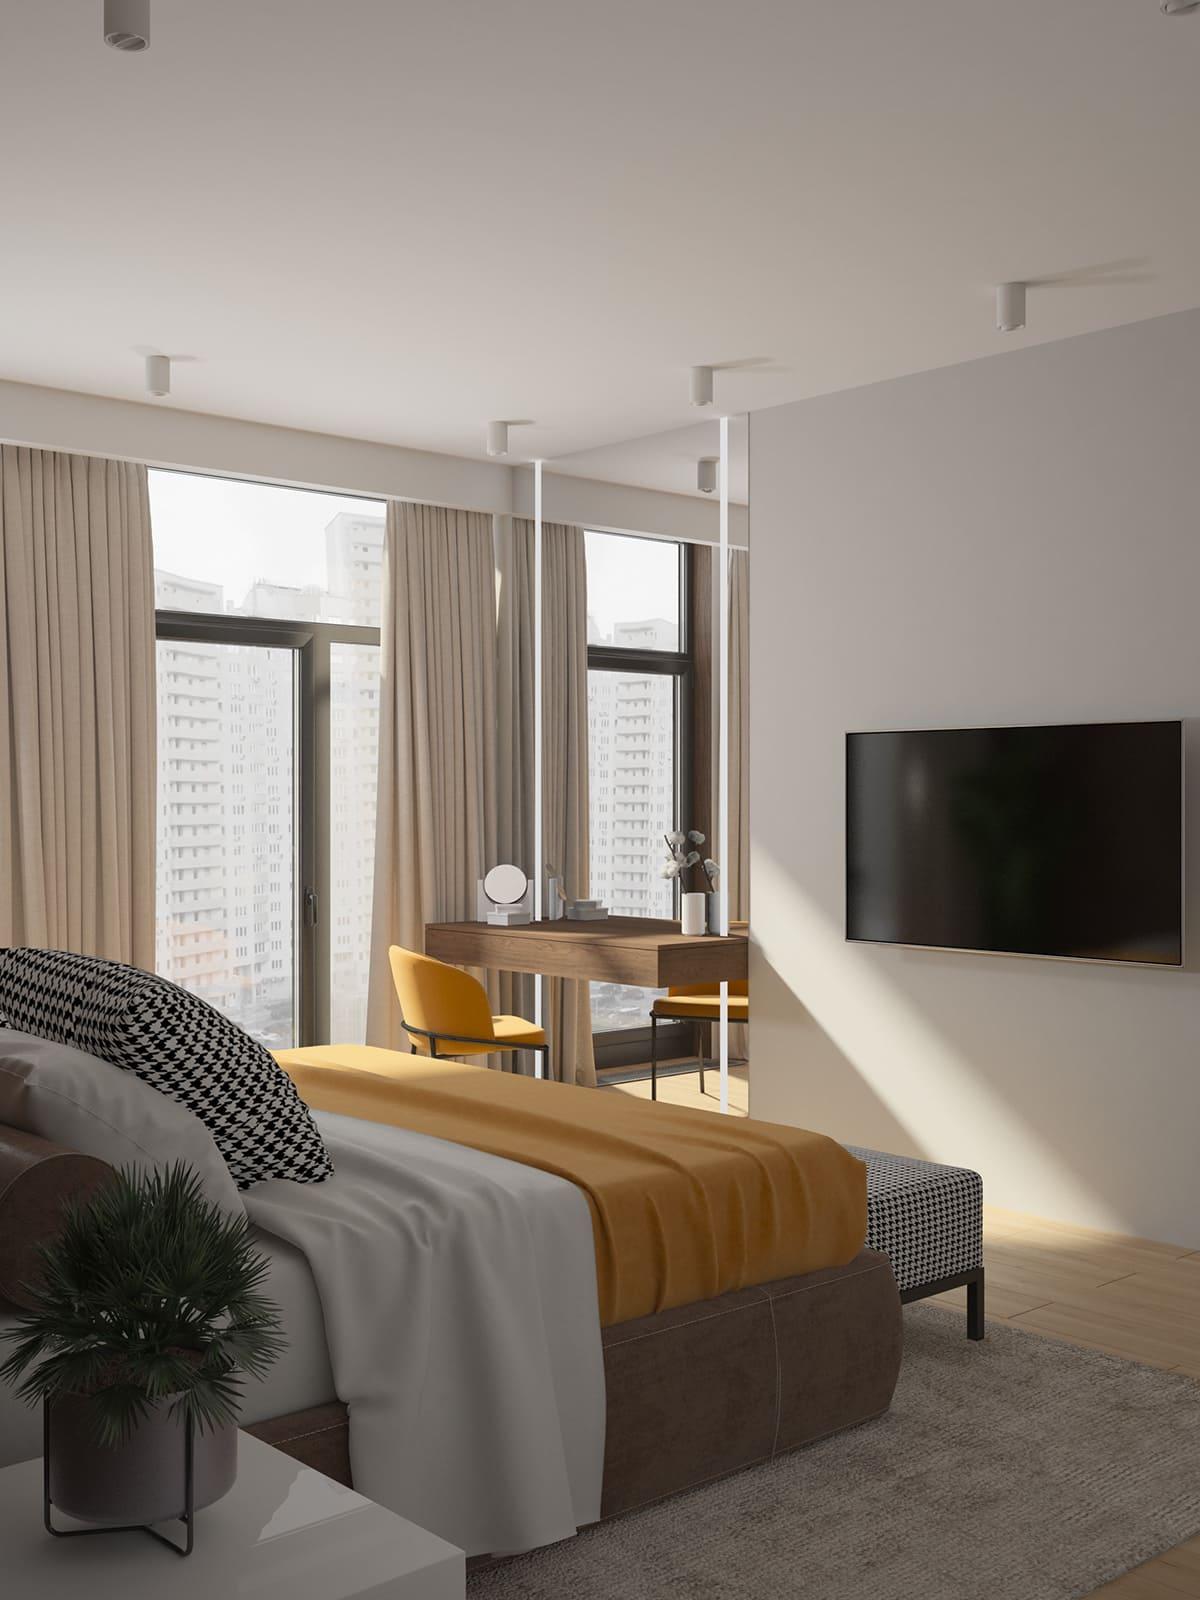 Design d'un appartement à une chambre photo 9